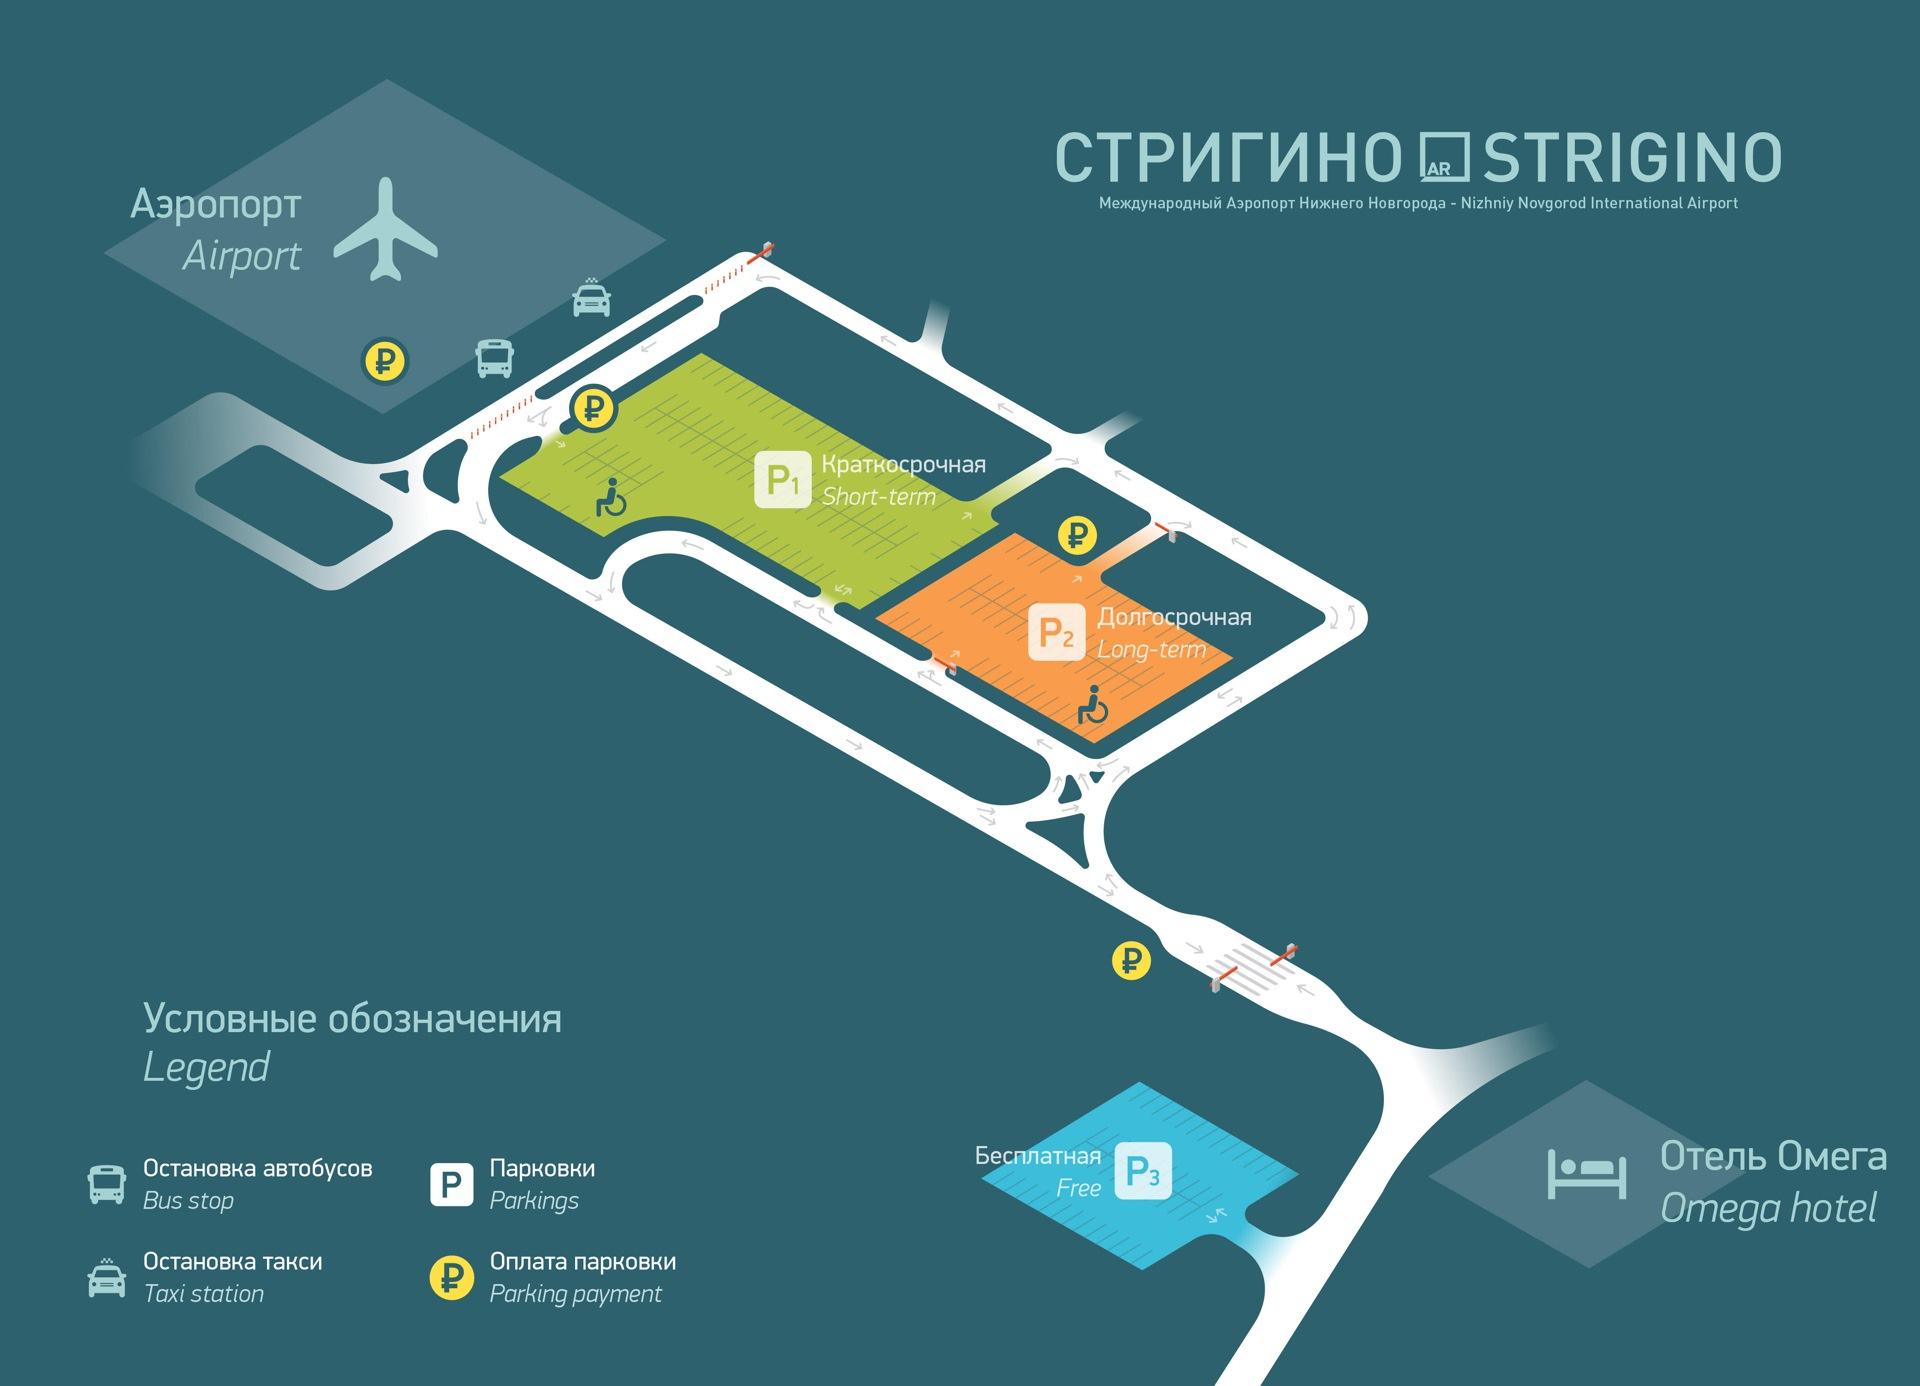 Схема парковки у аэропорта стригино